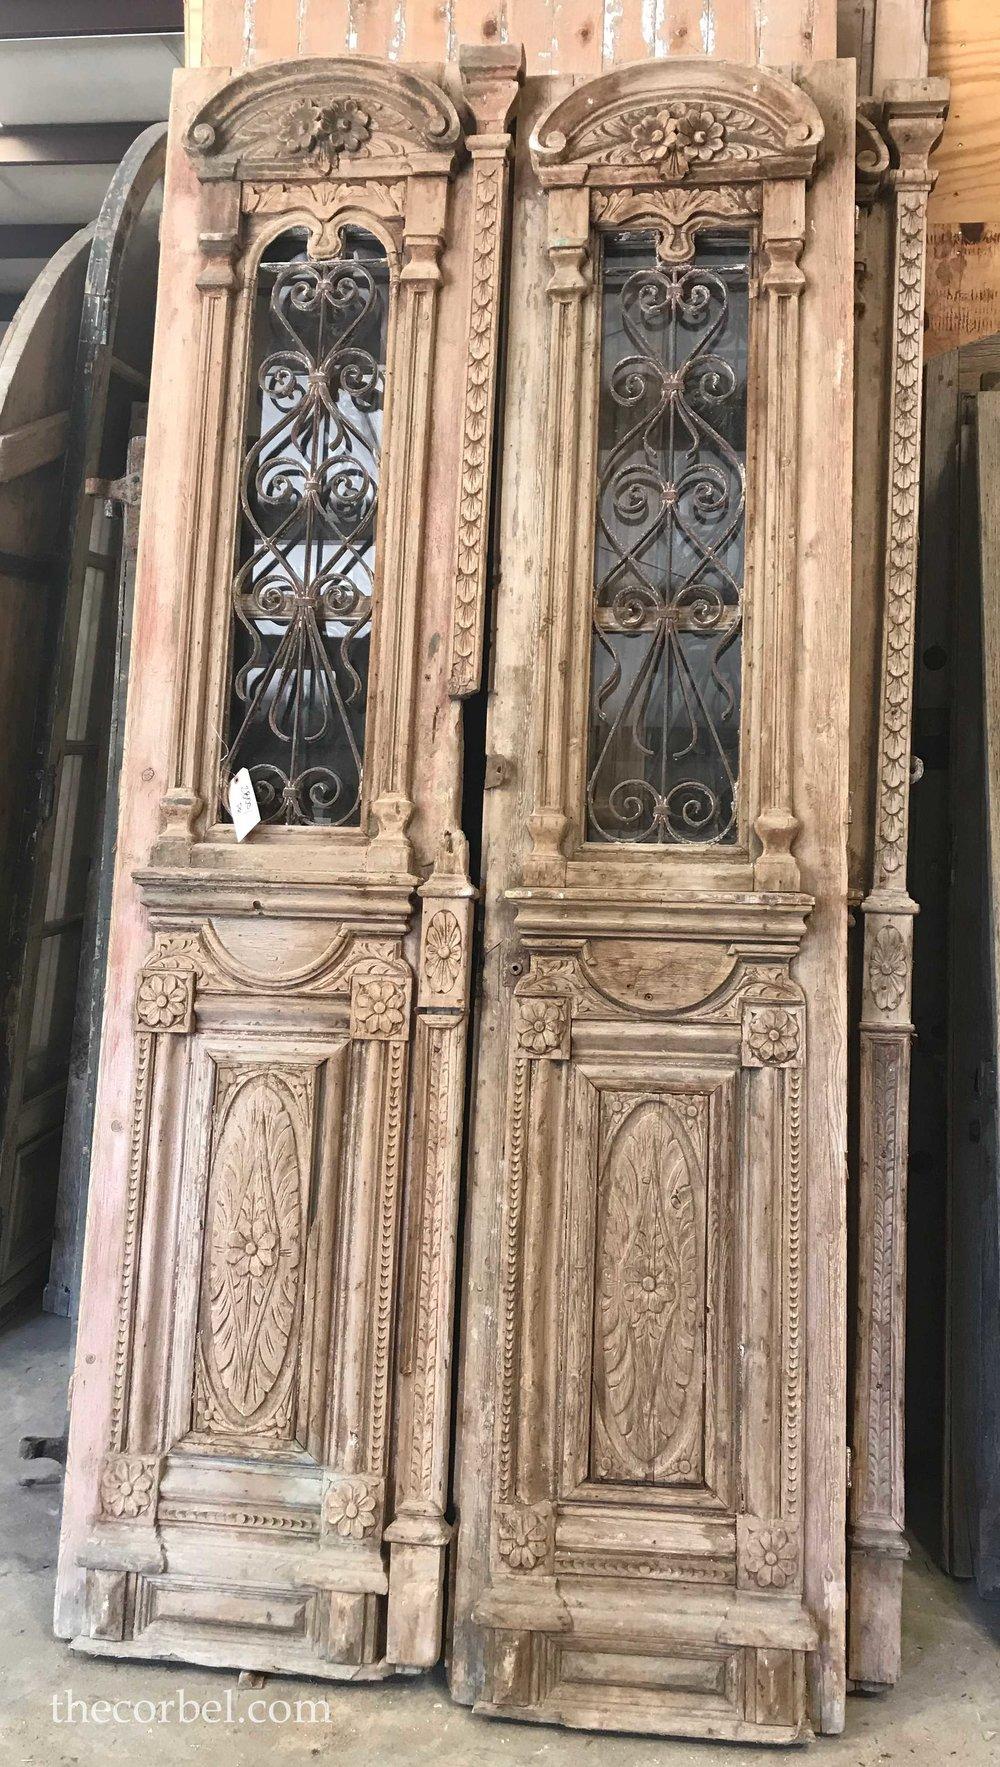 the corbel antique iron doors.jpg